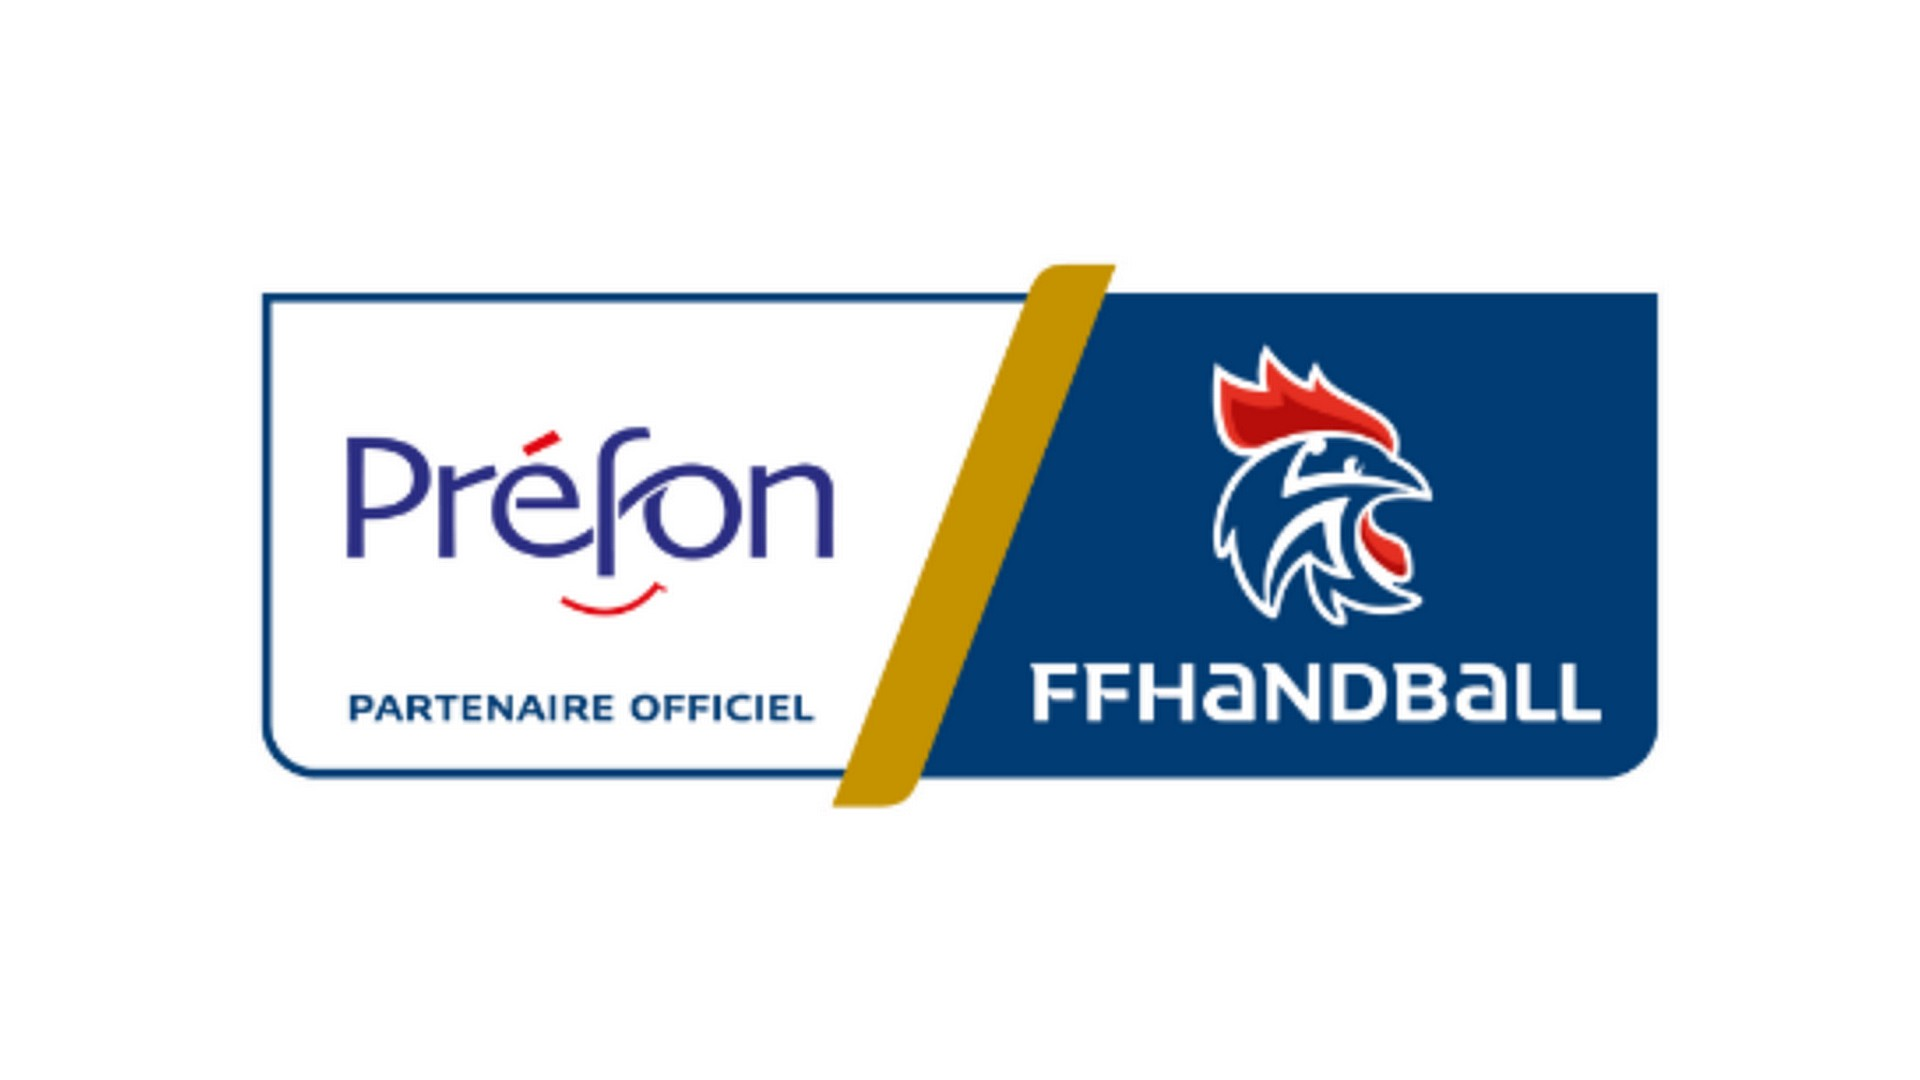 Préfon x FFHB (Handball) 2020